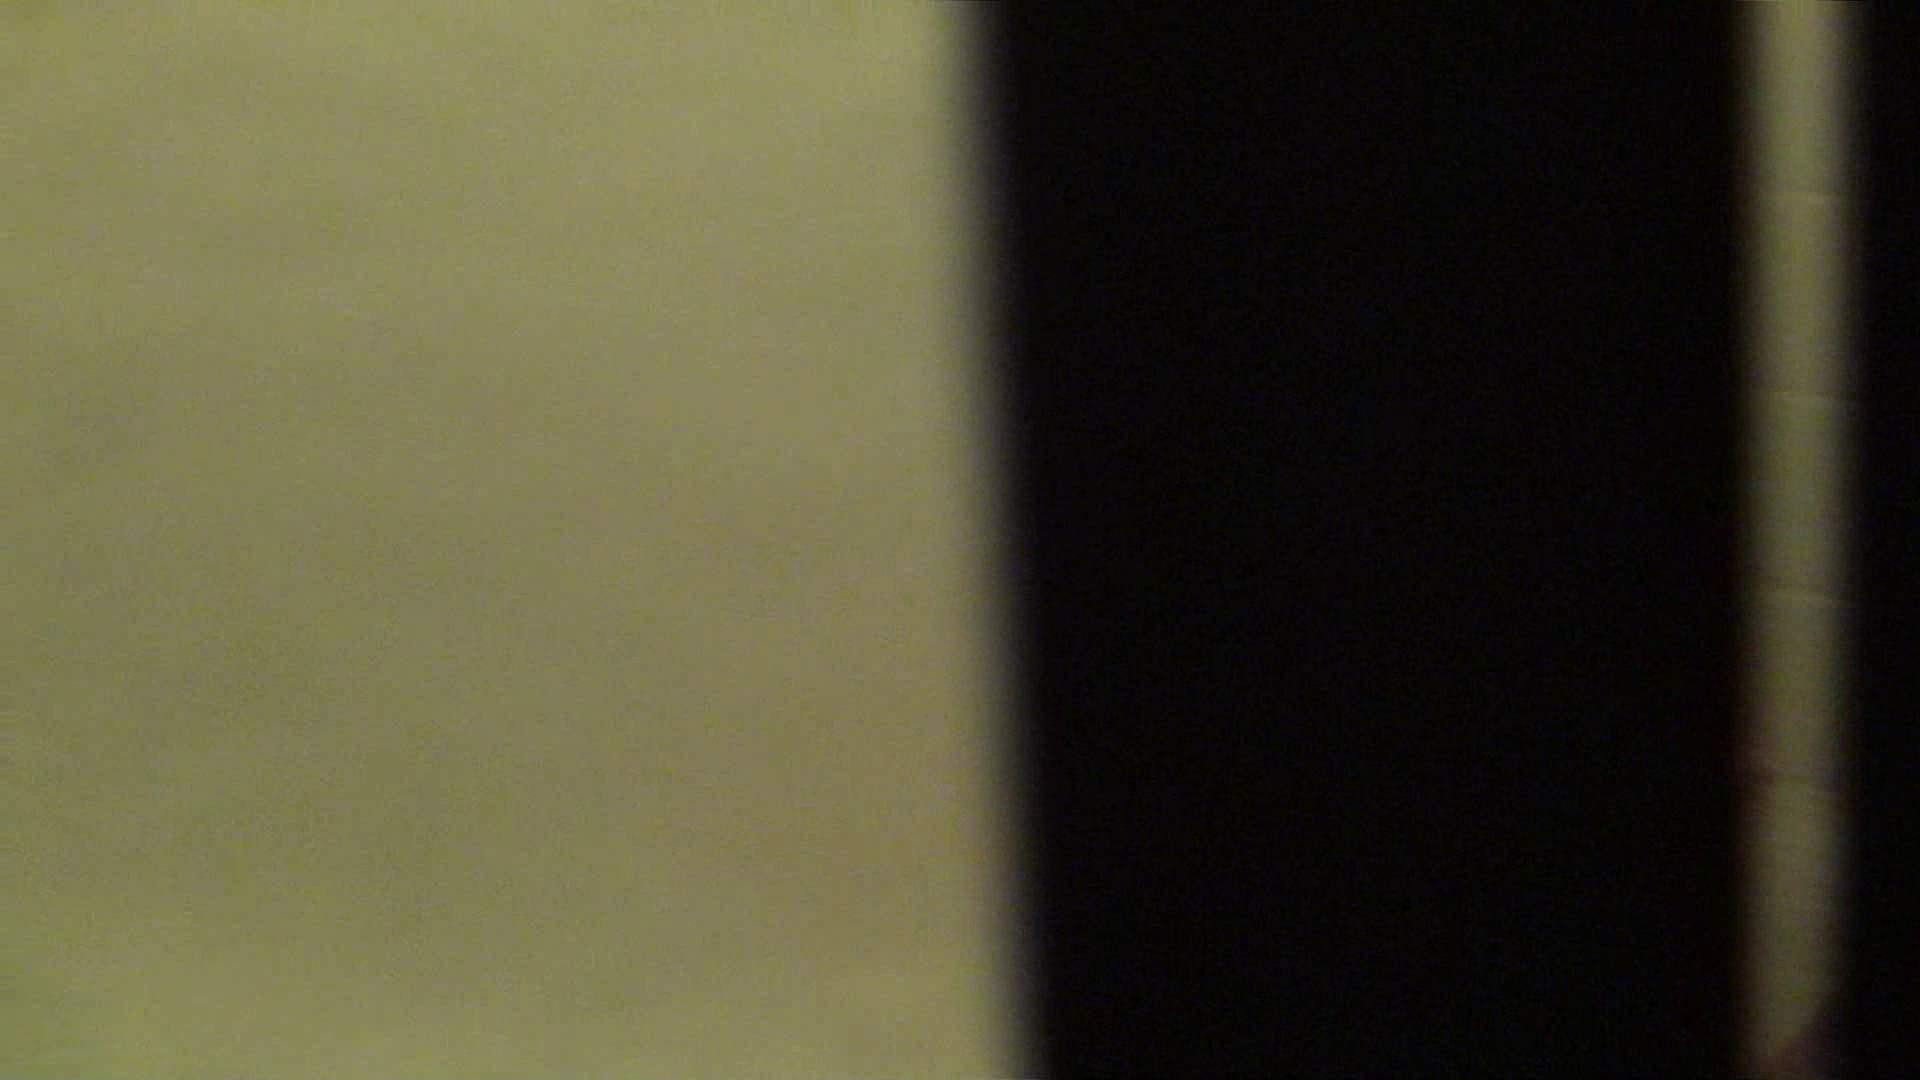 vol.02超可愛すぎる彼女の裸体をハイビジョンで!至近距離での眺め最高! 盗撮 AV動画キャプチャ 103pic 38